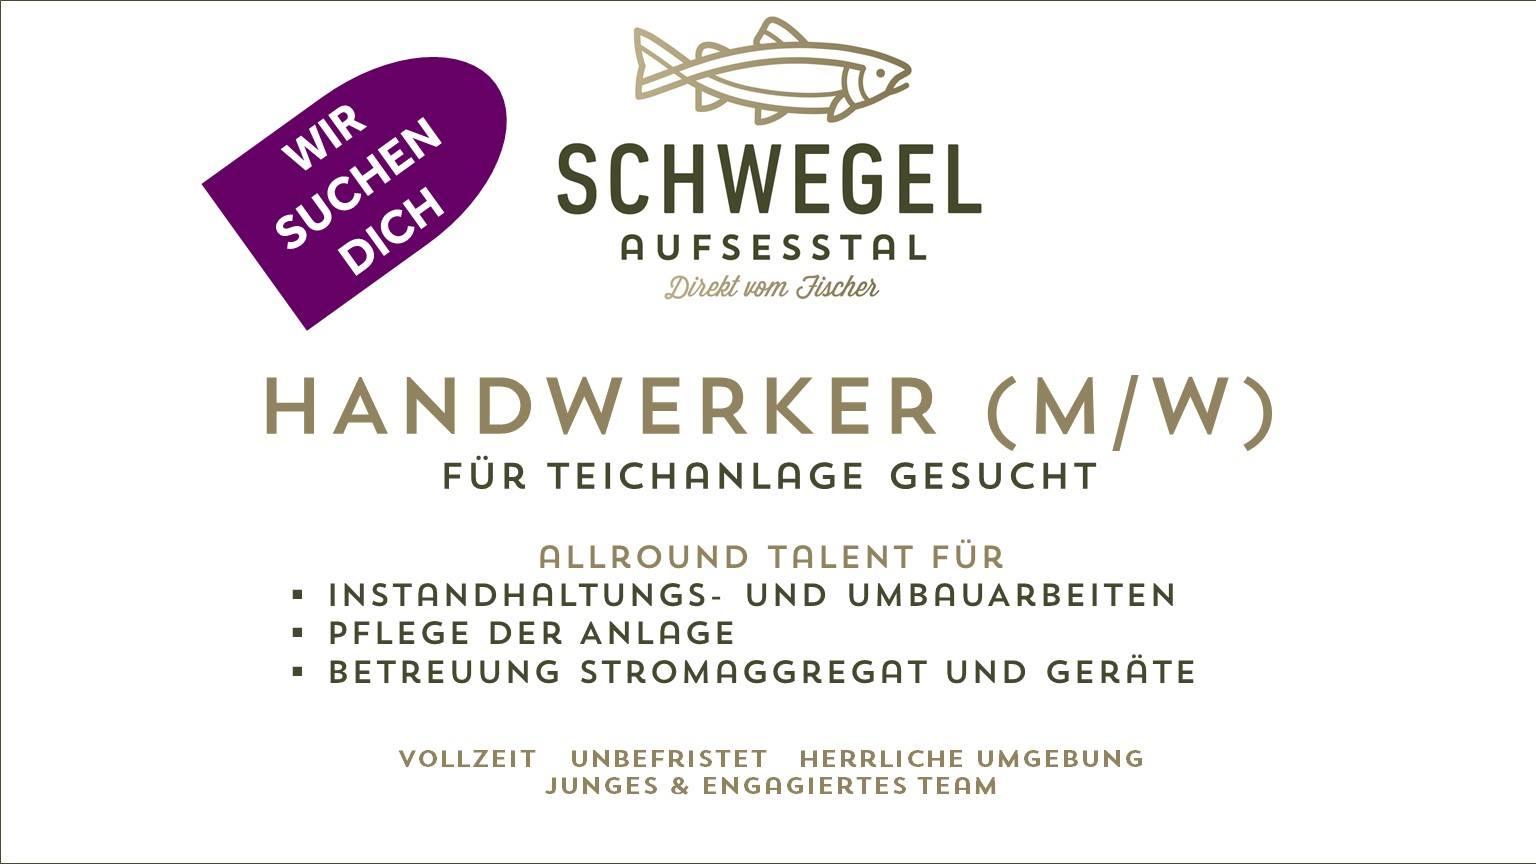 HANDWERKER (M/W) für TEICHANLAGE GESUCHT